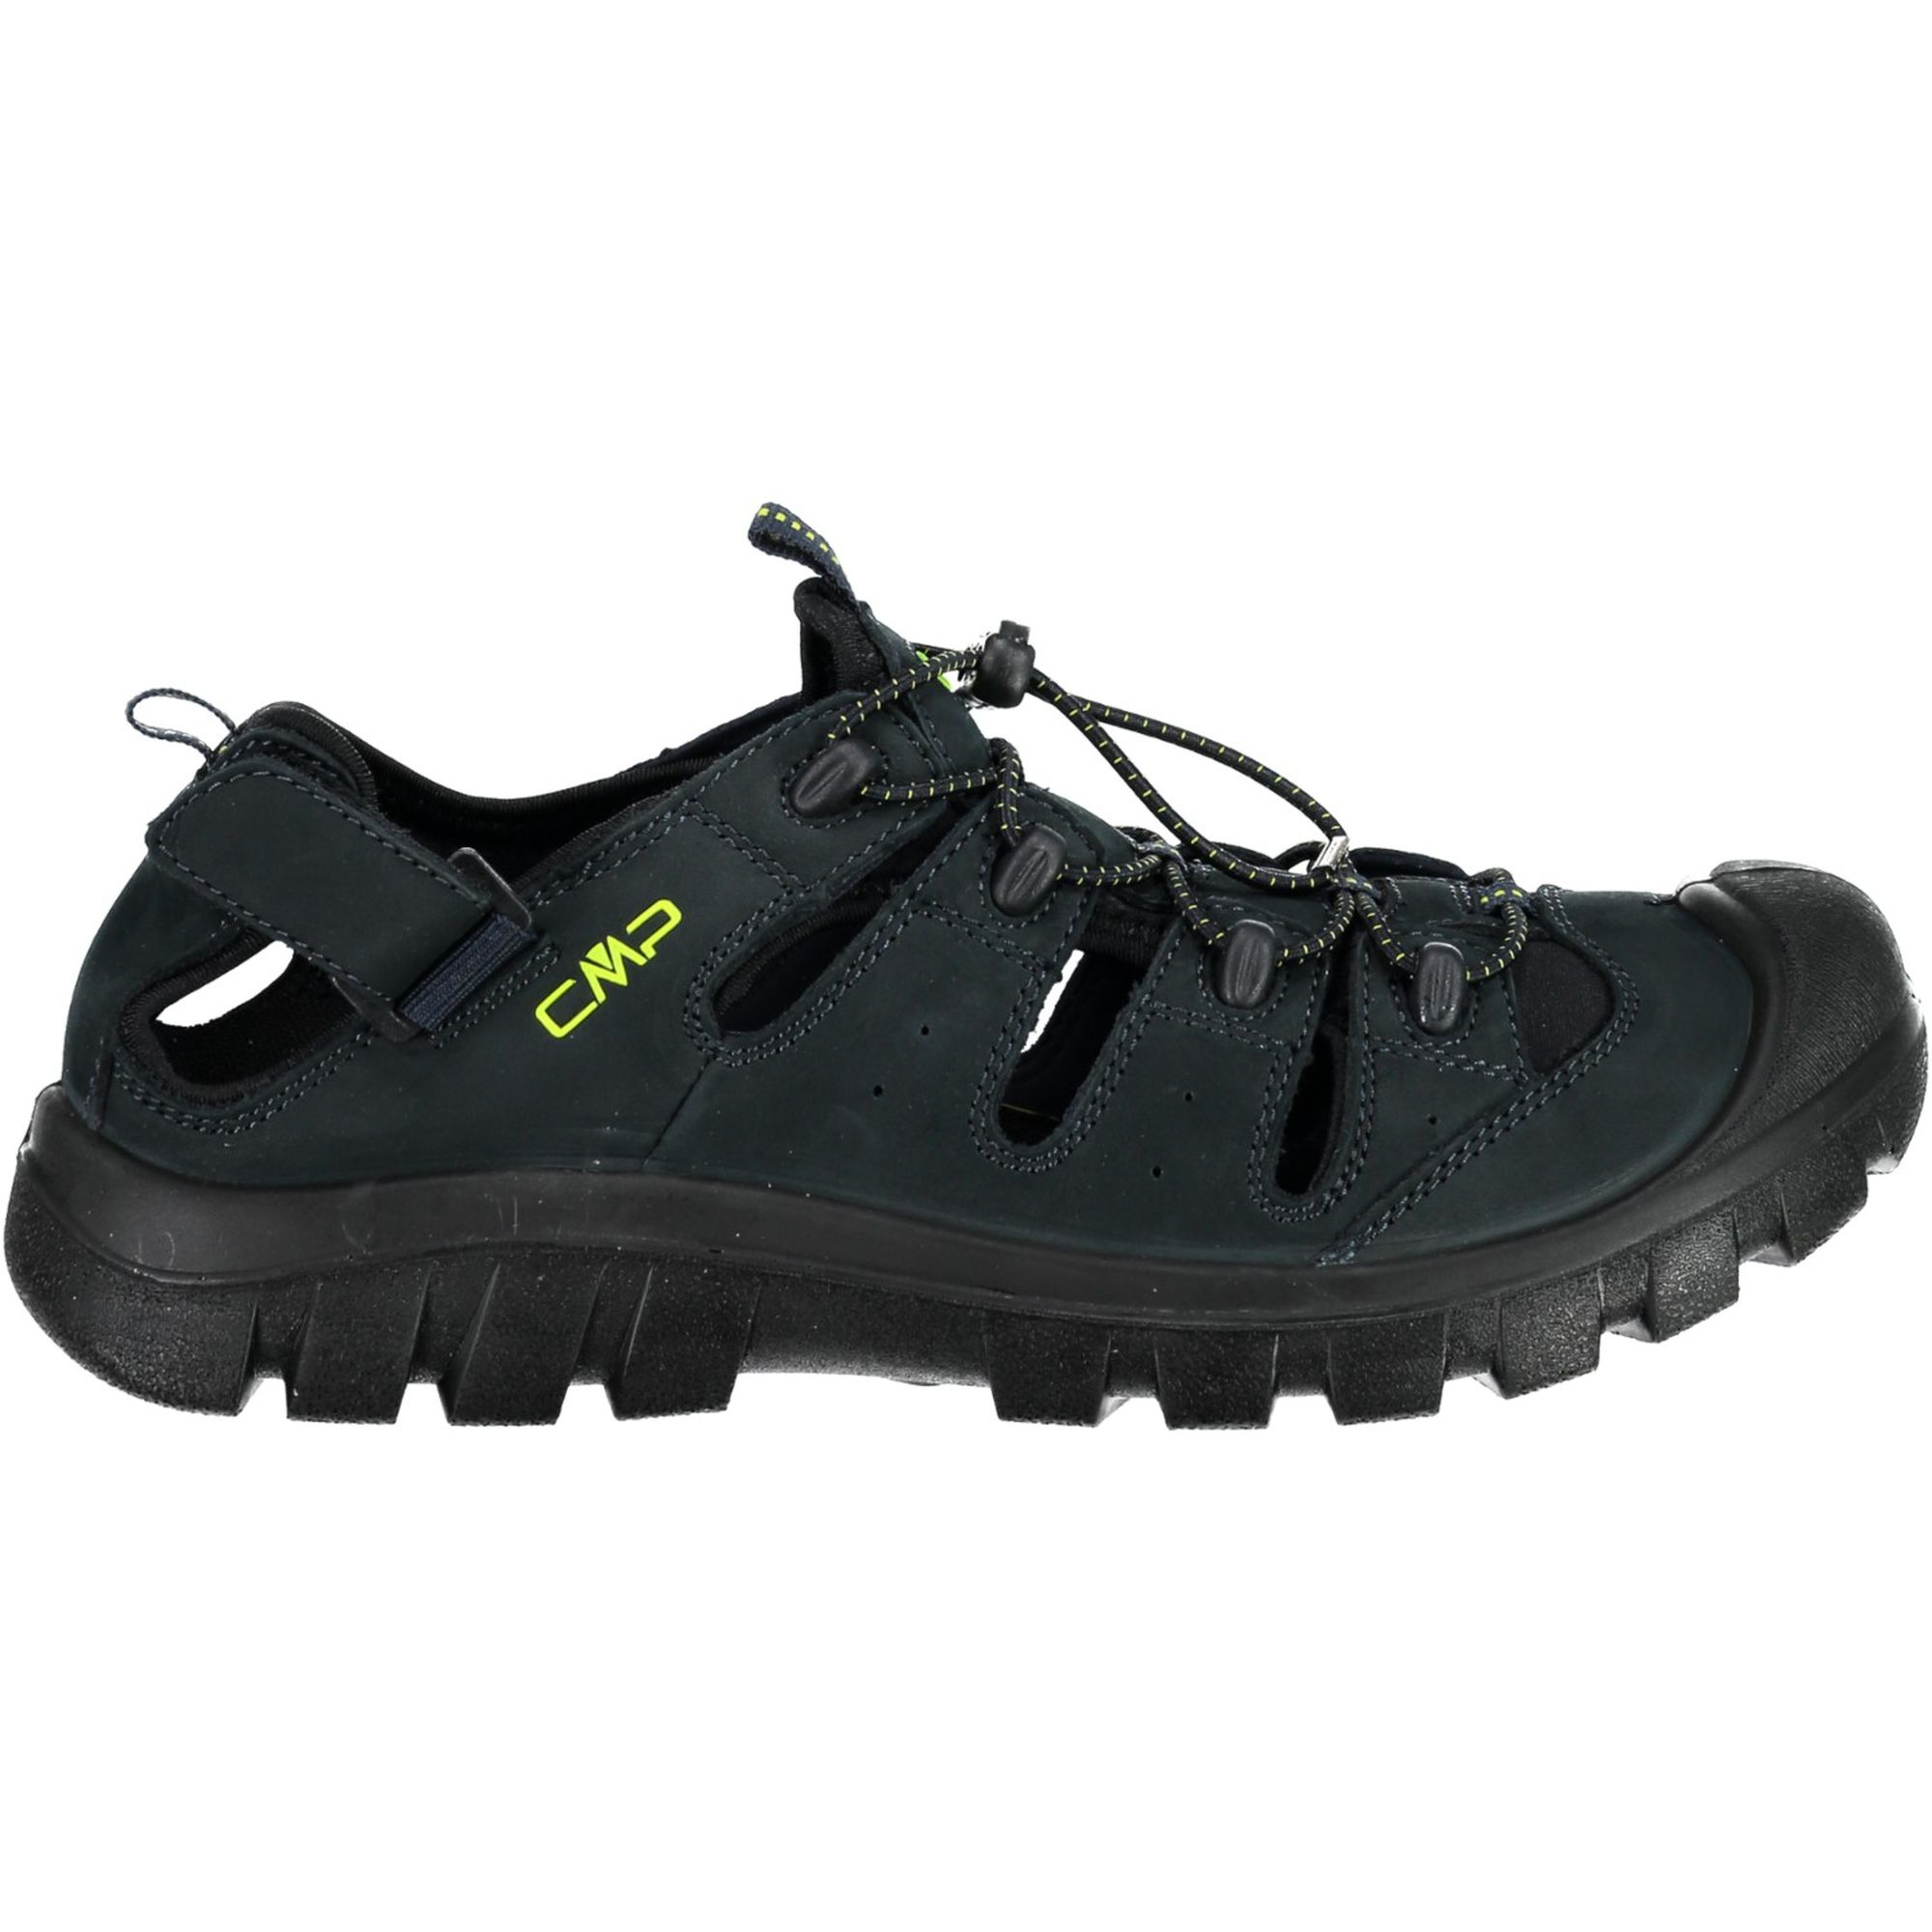 CMP Herren Sandale Avior Hiking 39Q9657